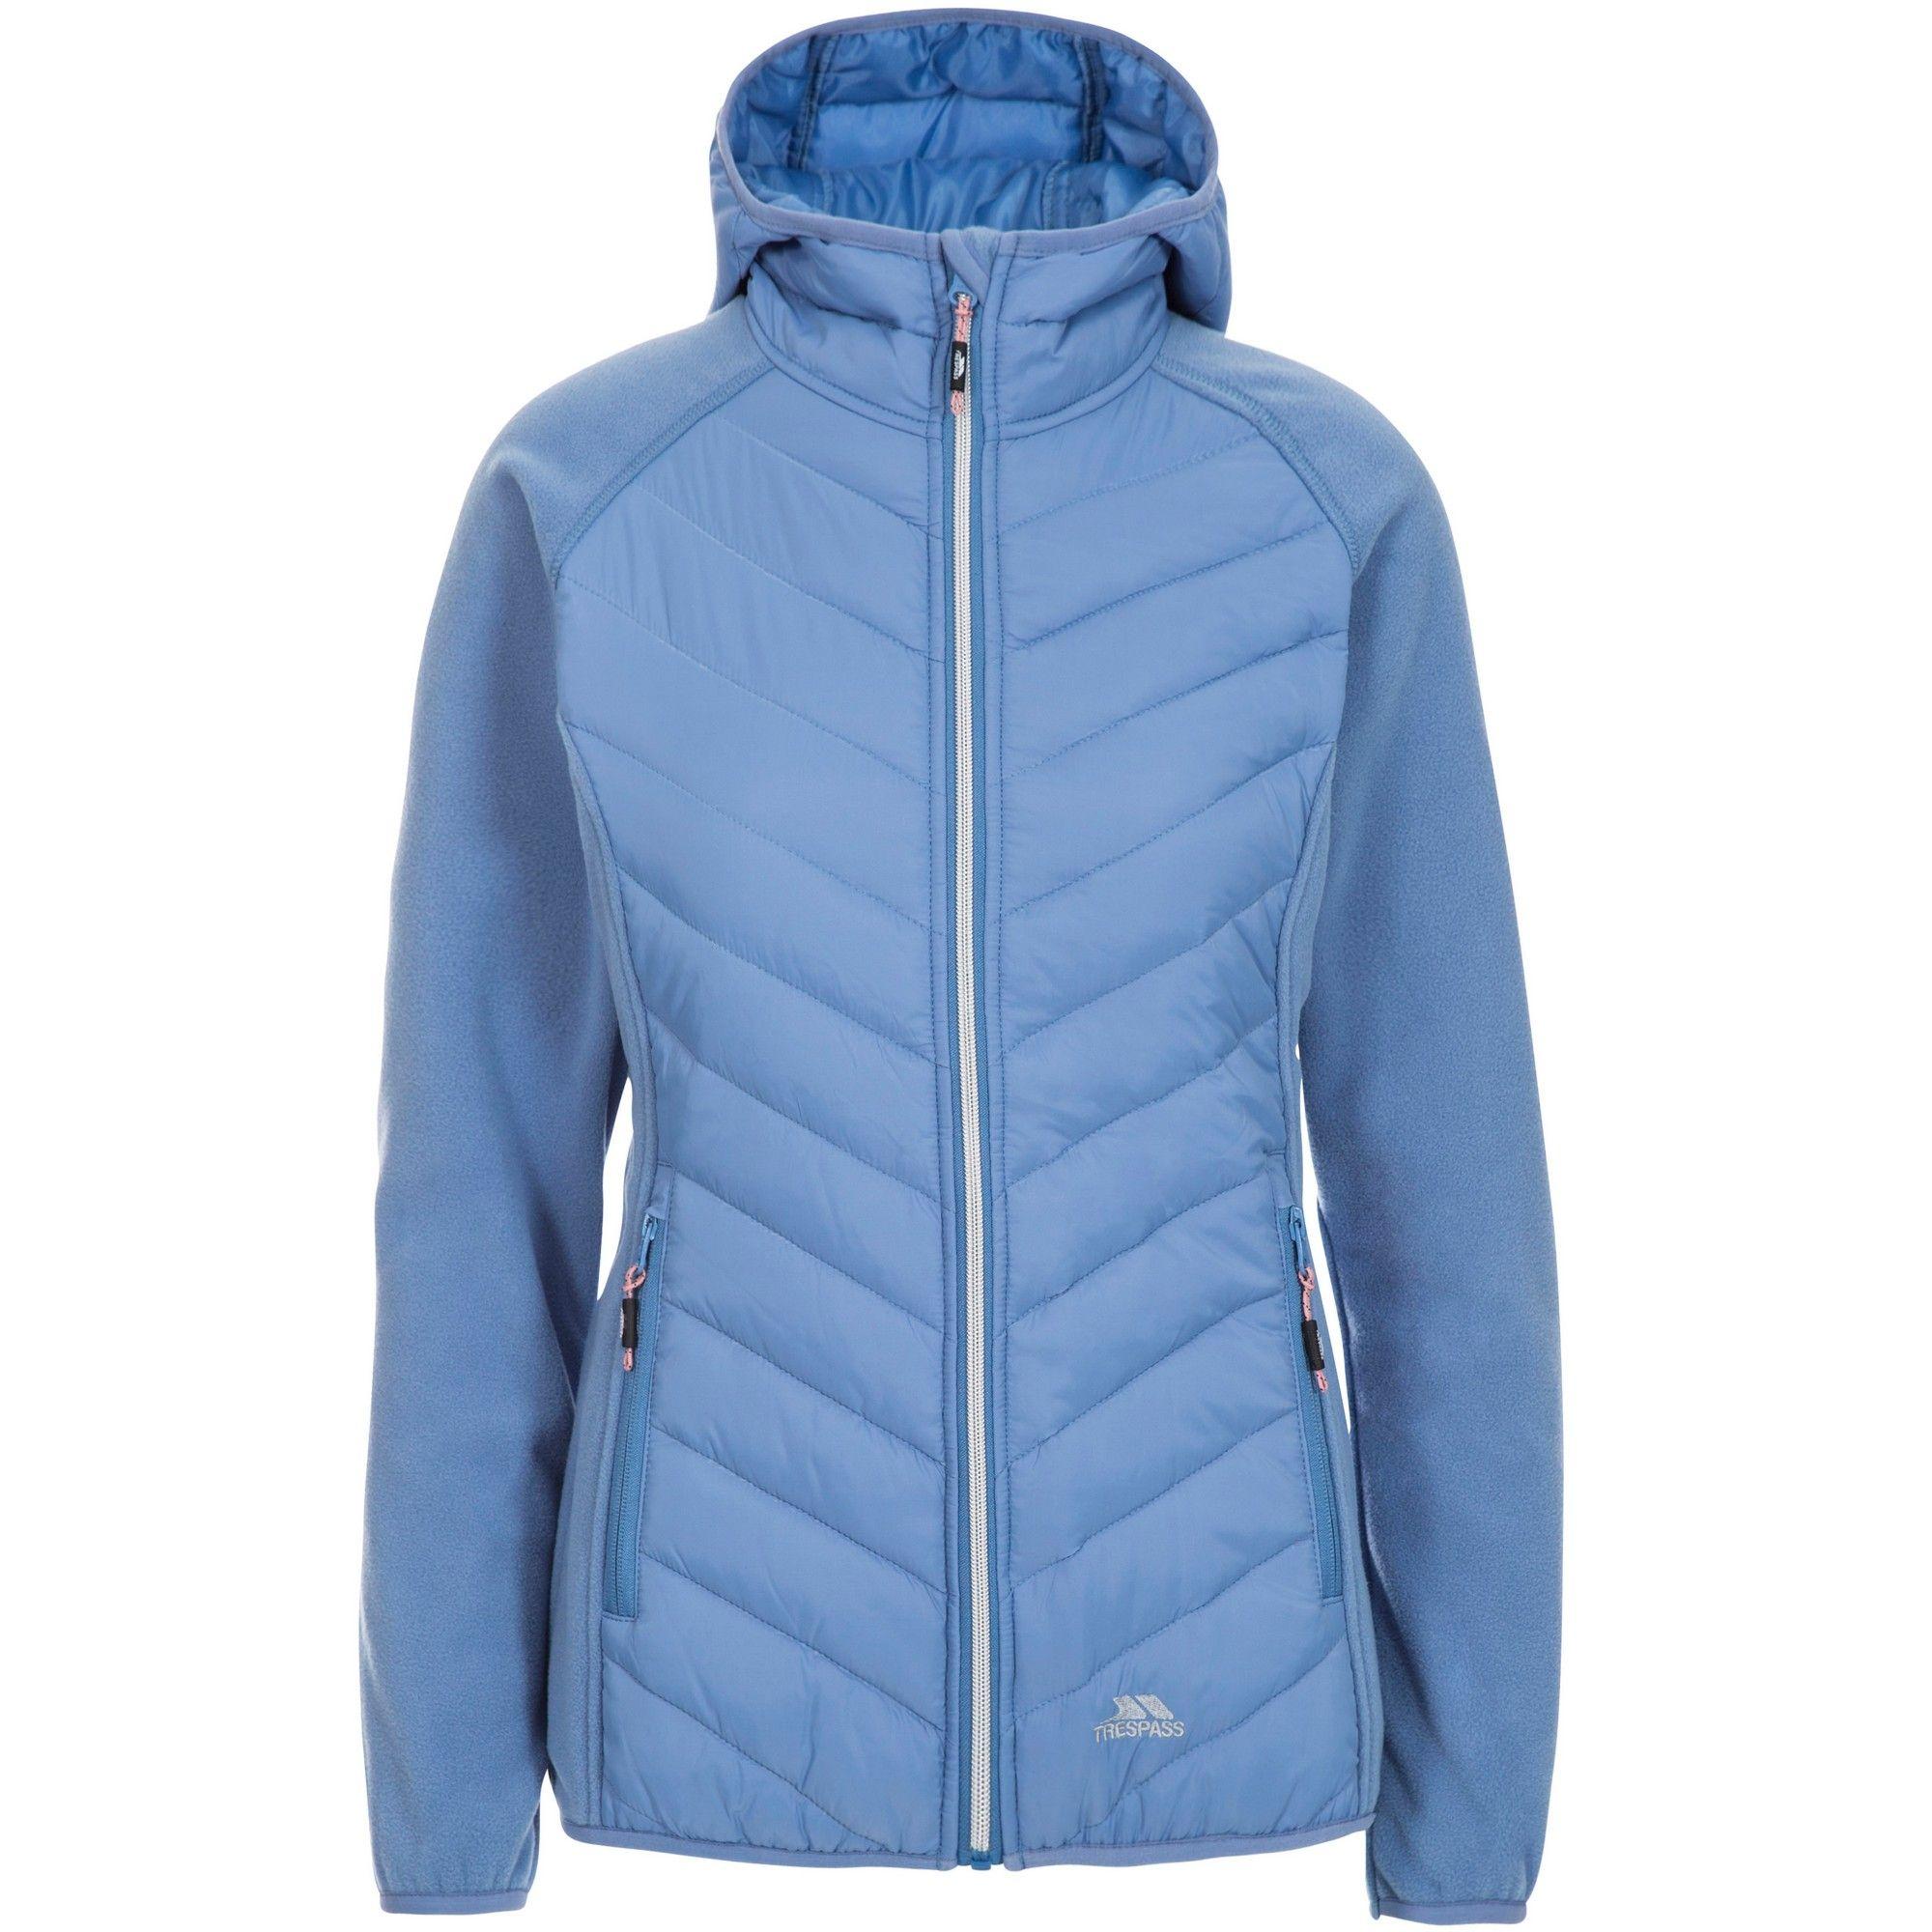 Trespass Women's Boardwalk Padded Hooded Fleece Jacket